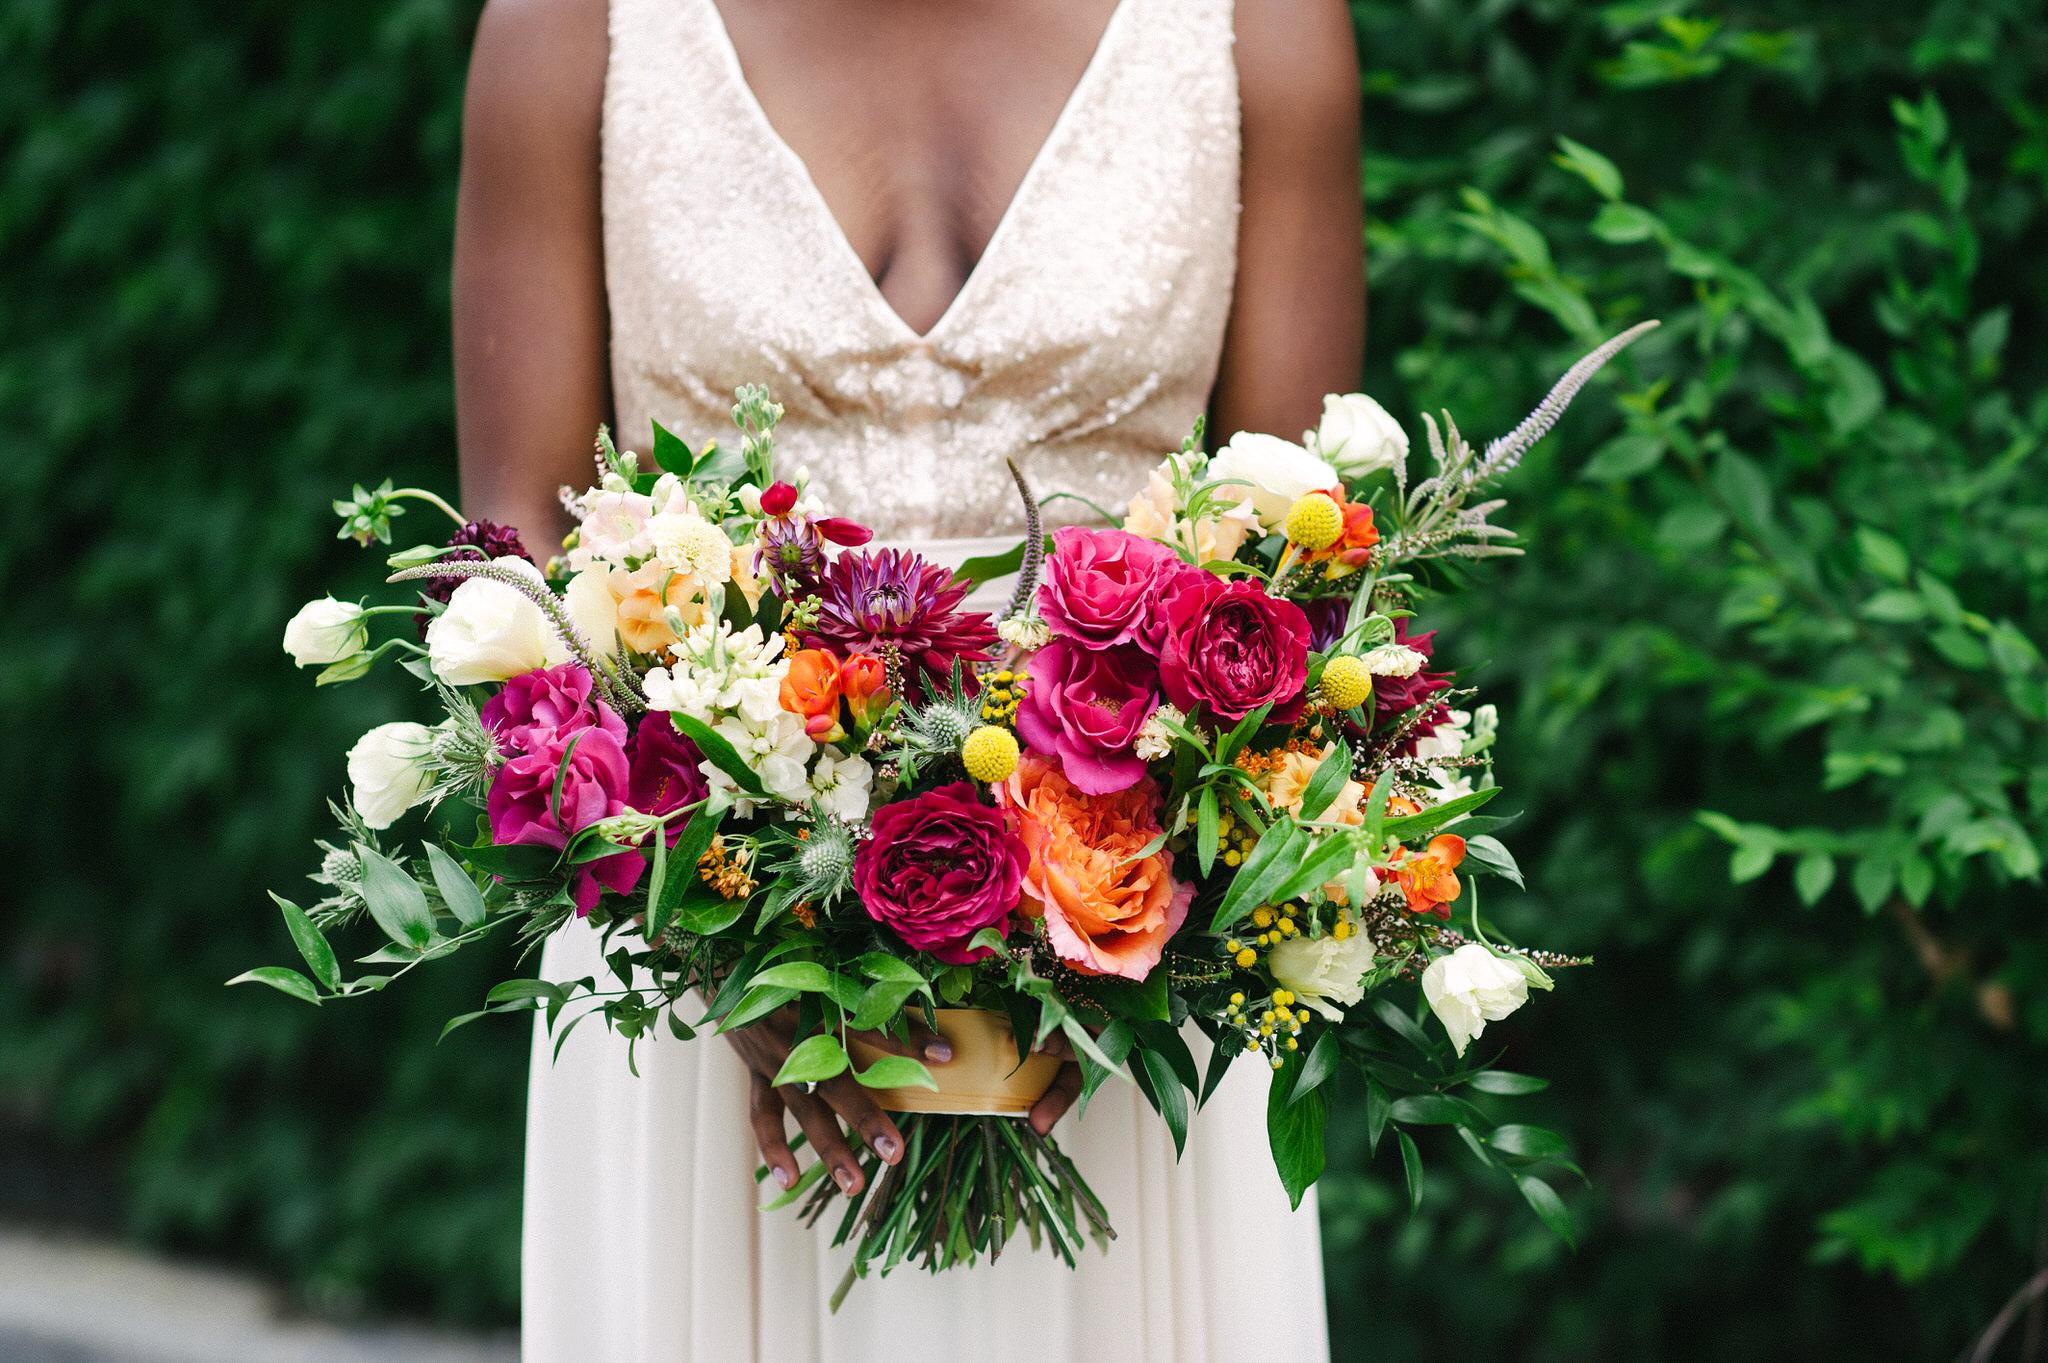 steph tim wedding bride bouquet of pink white orange flowers